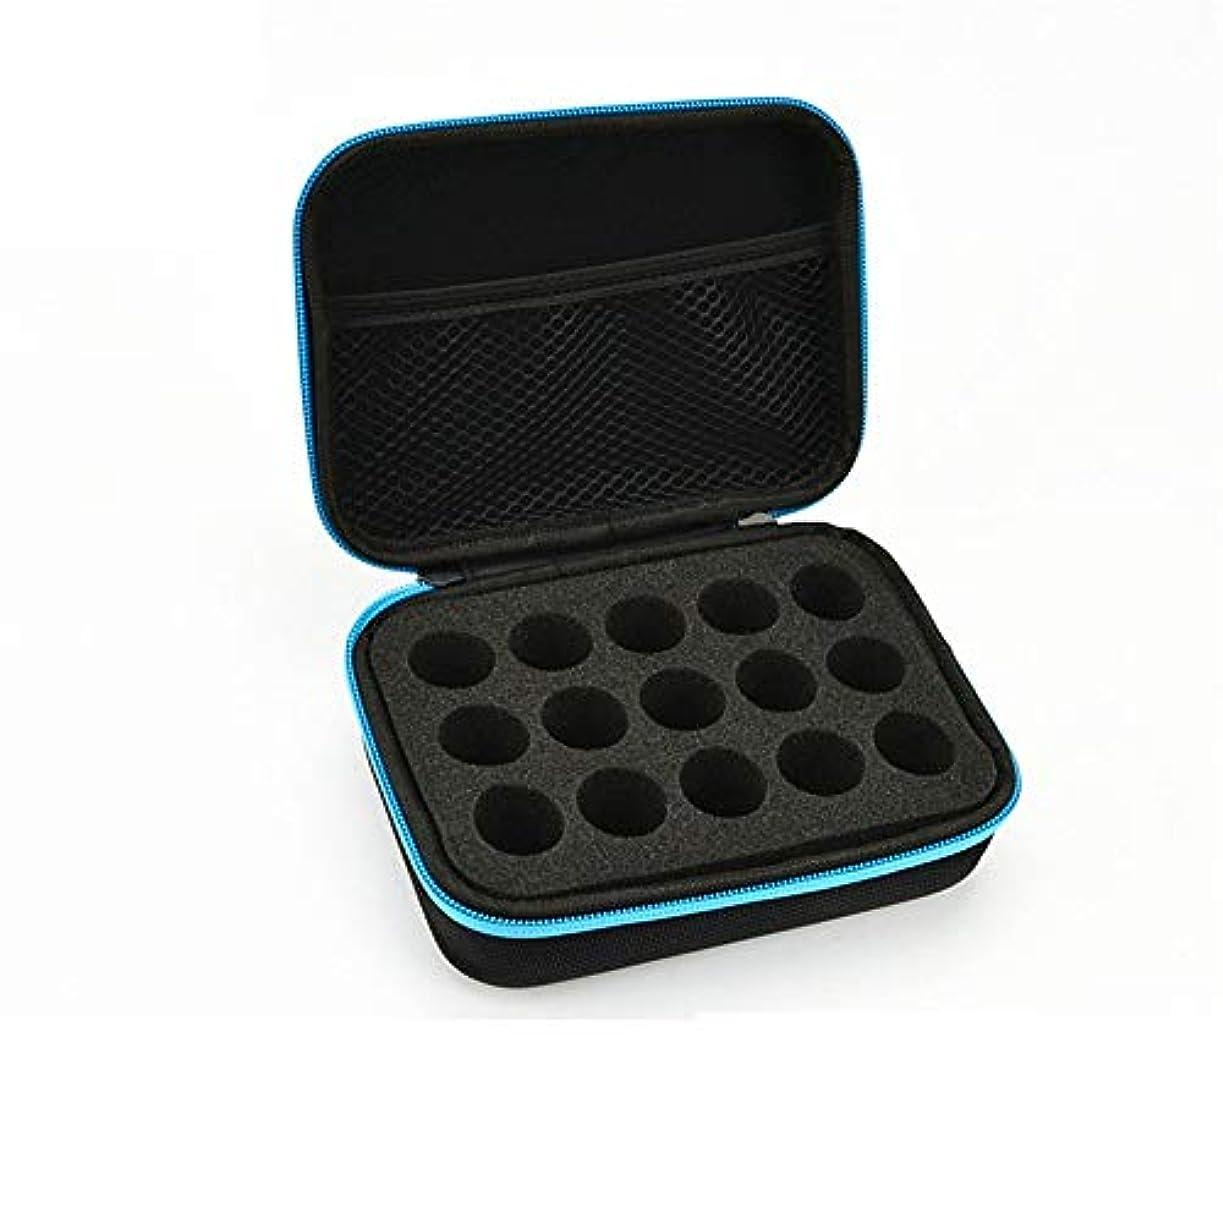 仲間、同僚風邪をひくブローホールエッセンシャルオイルストレージボックス ケース収納キャリングエッセンシャルオイルは、10?15mlのトラベルオーガナイザーポーチバッグブルーに適合します 旅行およびプレゼンテーション用 (色 : 青, サイズ : 17X12.5X6CM)